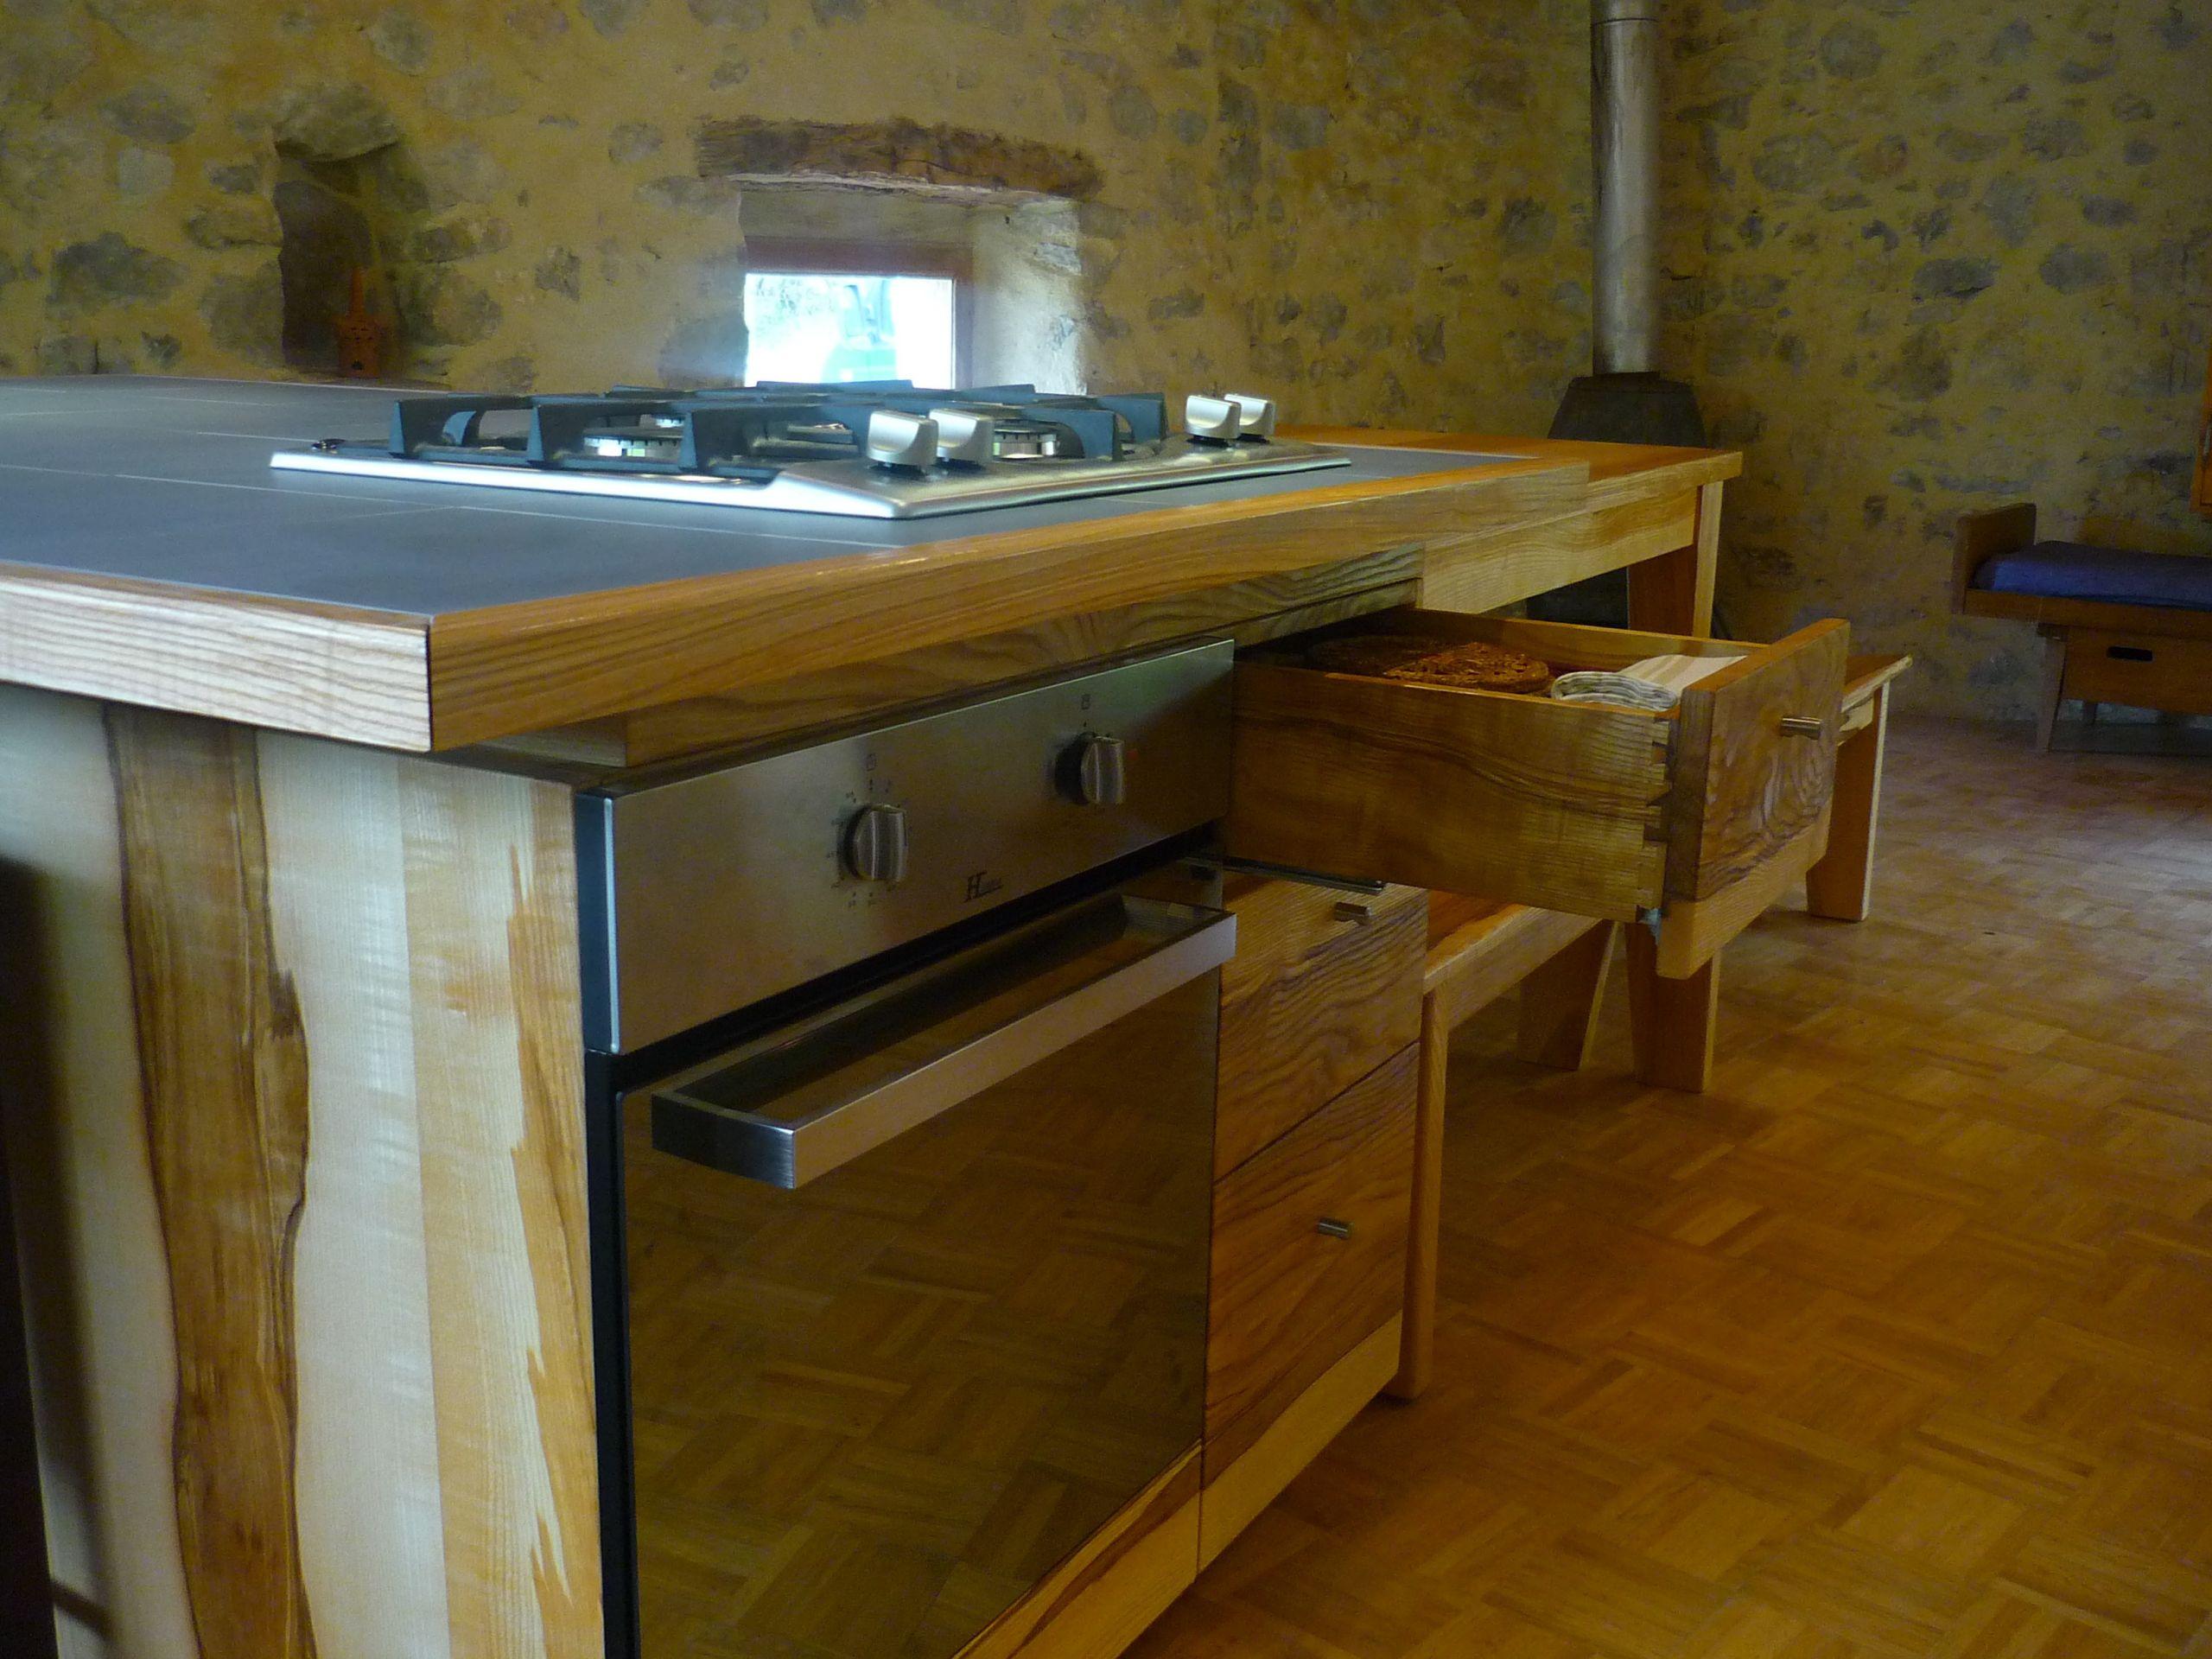 faire un meuble en bois bois pour faire meuble luxe meuble pied pas table basse tv meuble tv of faire un meuble en bois